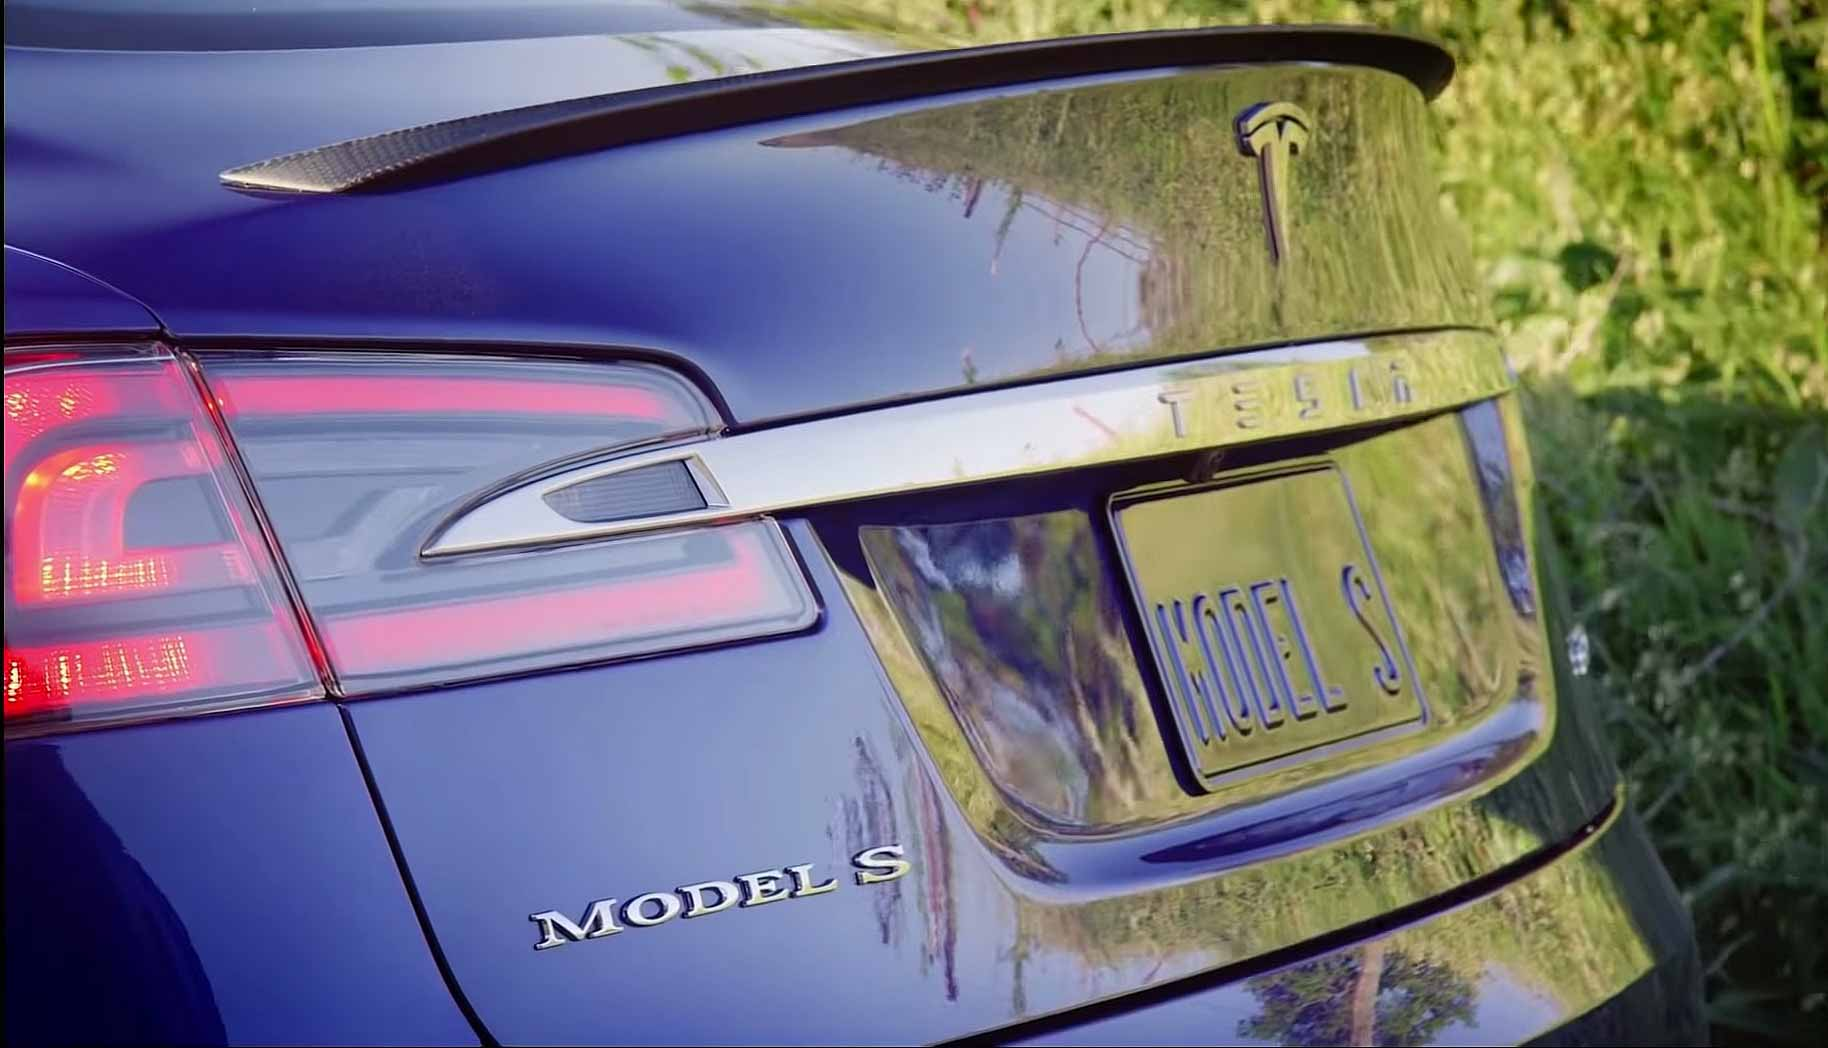 Ценовая цена на Tesla повысилась в связи с открытием Fremont, высоким спросом Model 3 в Китае